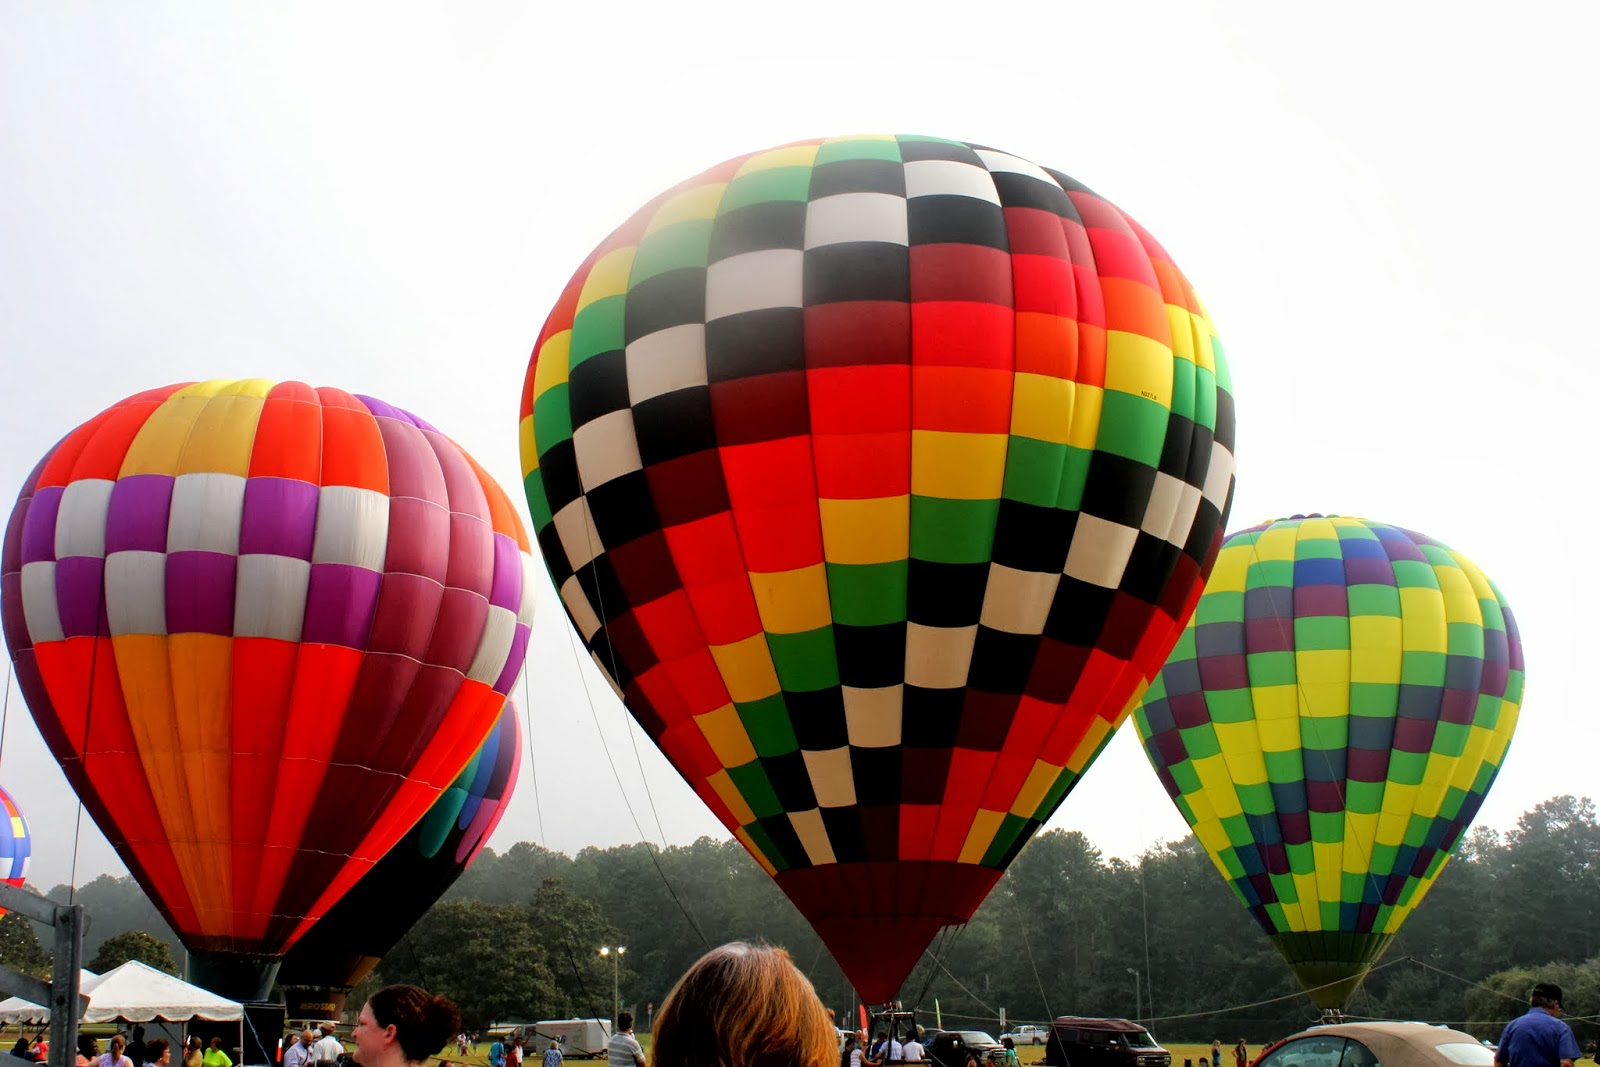 Callaway Gardens Hot Air Balloon 2016 Garden Ftempo